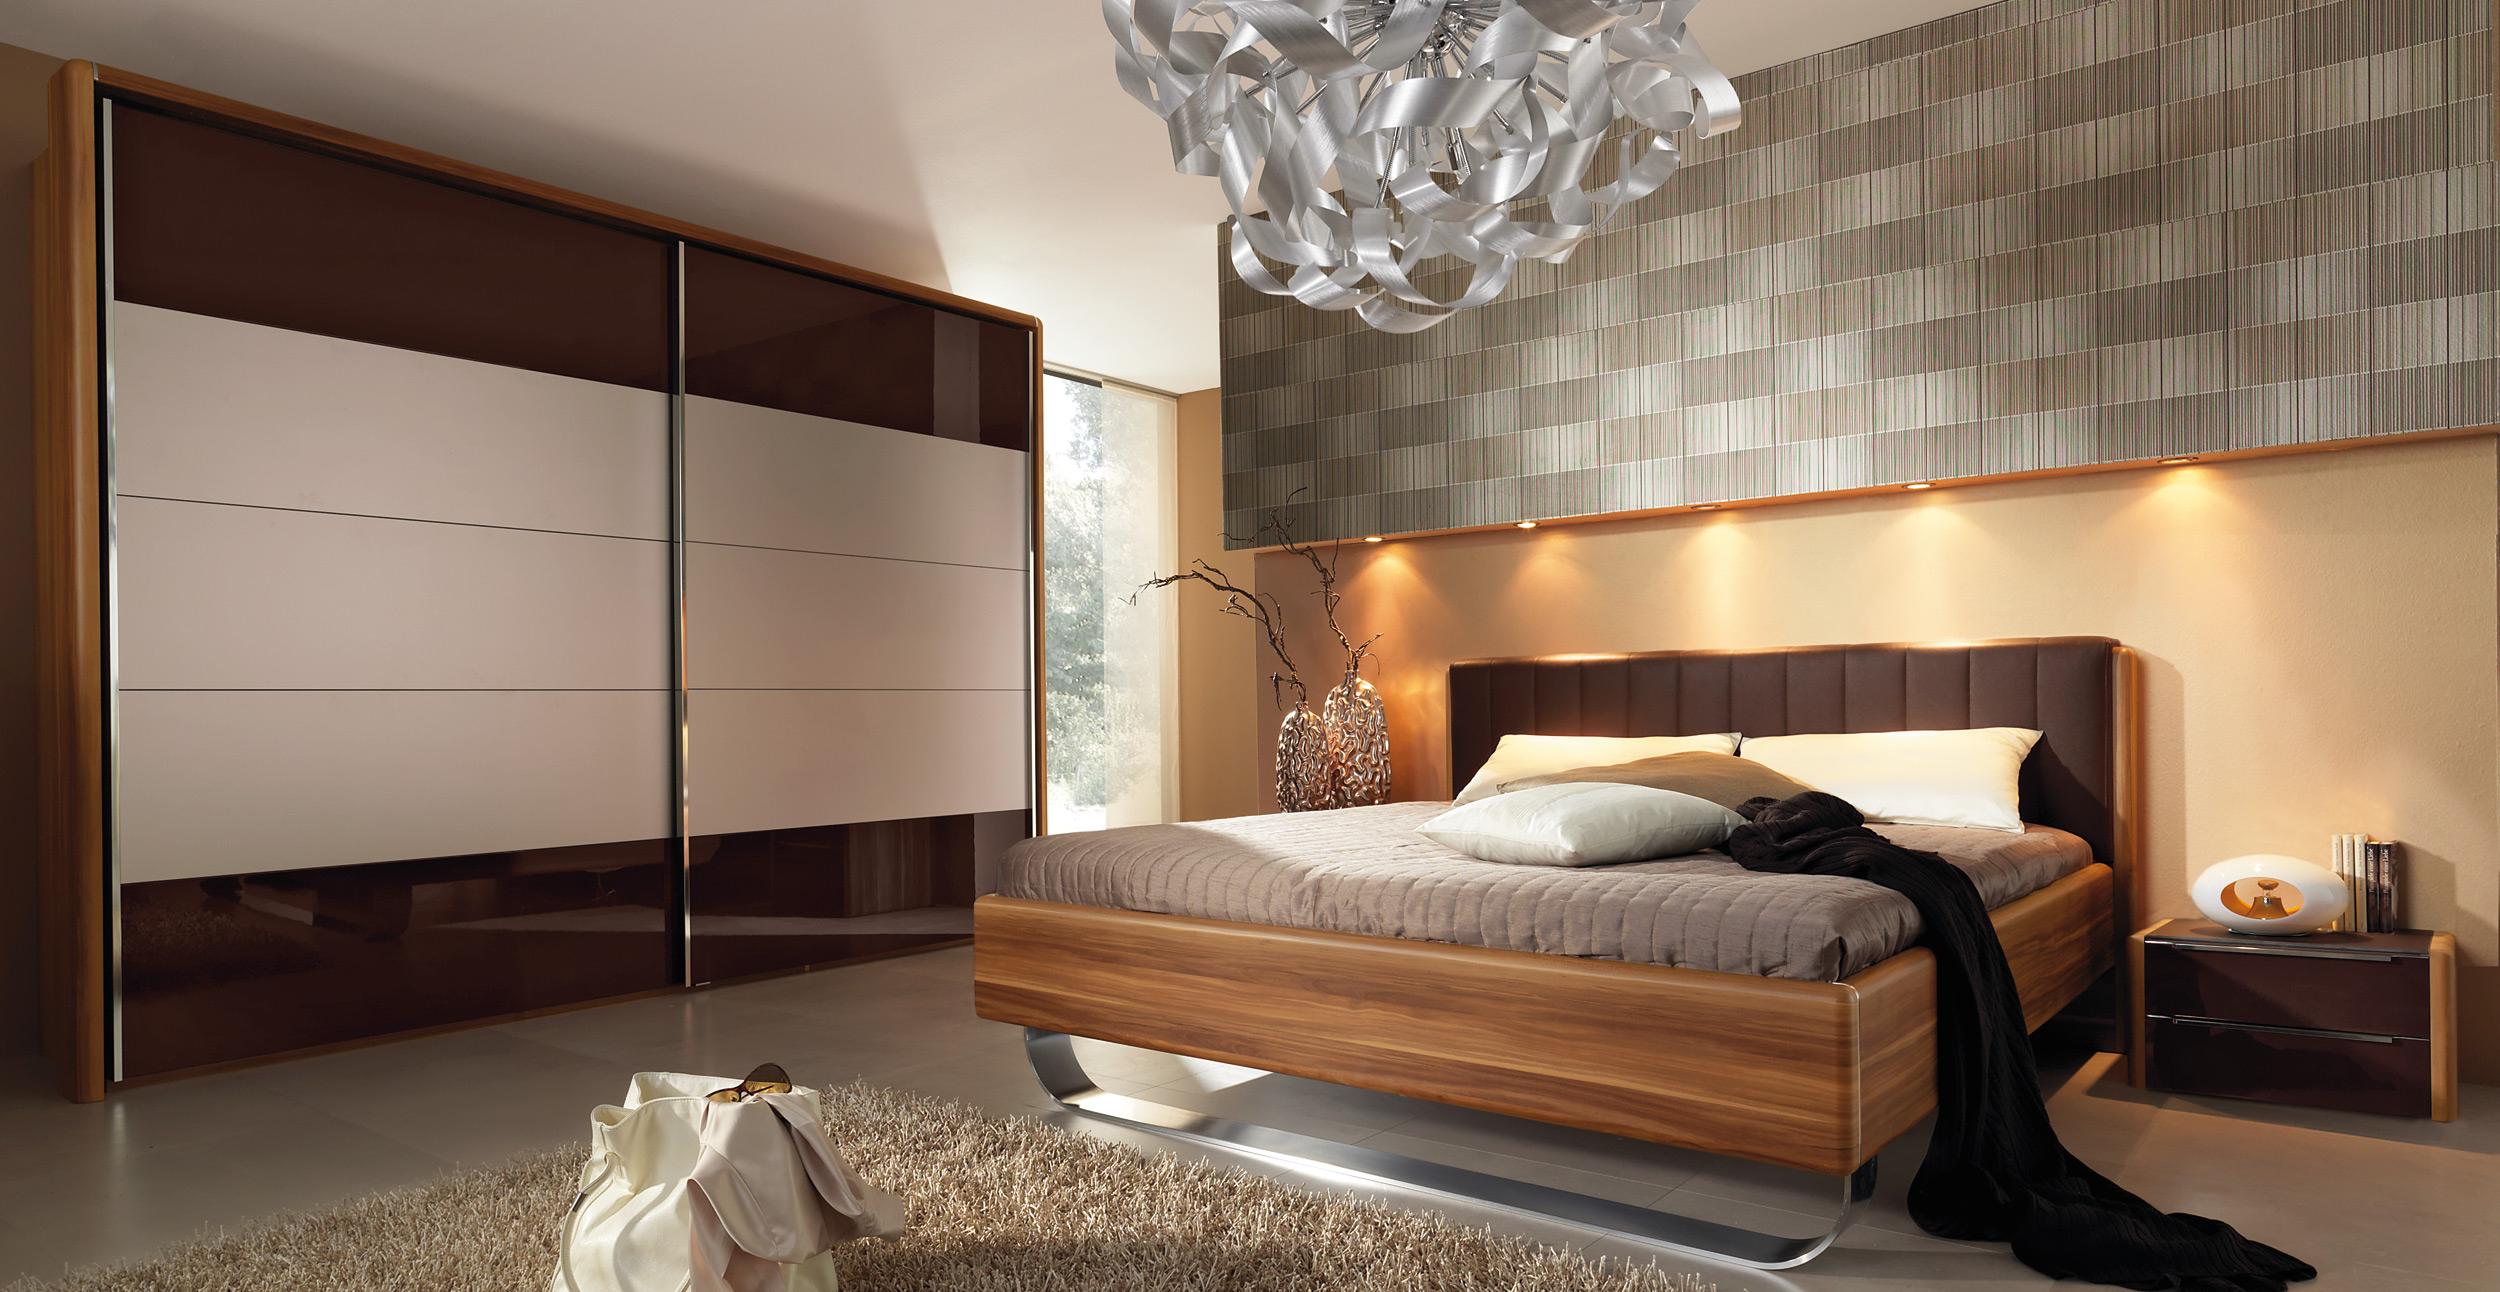 Full Size of Schlafzimmer Set Gnstig Wohnzimmer Kernbuche Massiv Led Deckenleuchte Günstig Betten Kaufen Komplette Küche Bett 140x200 Komplett Regal Günstige Fenster Schlafzimmer Schlafzimmer Komplett Günstig